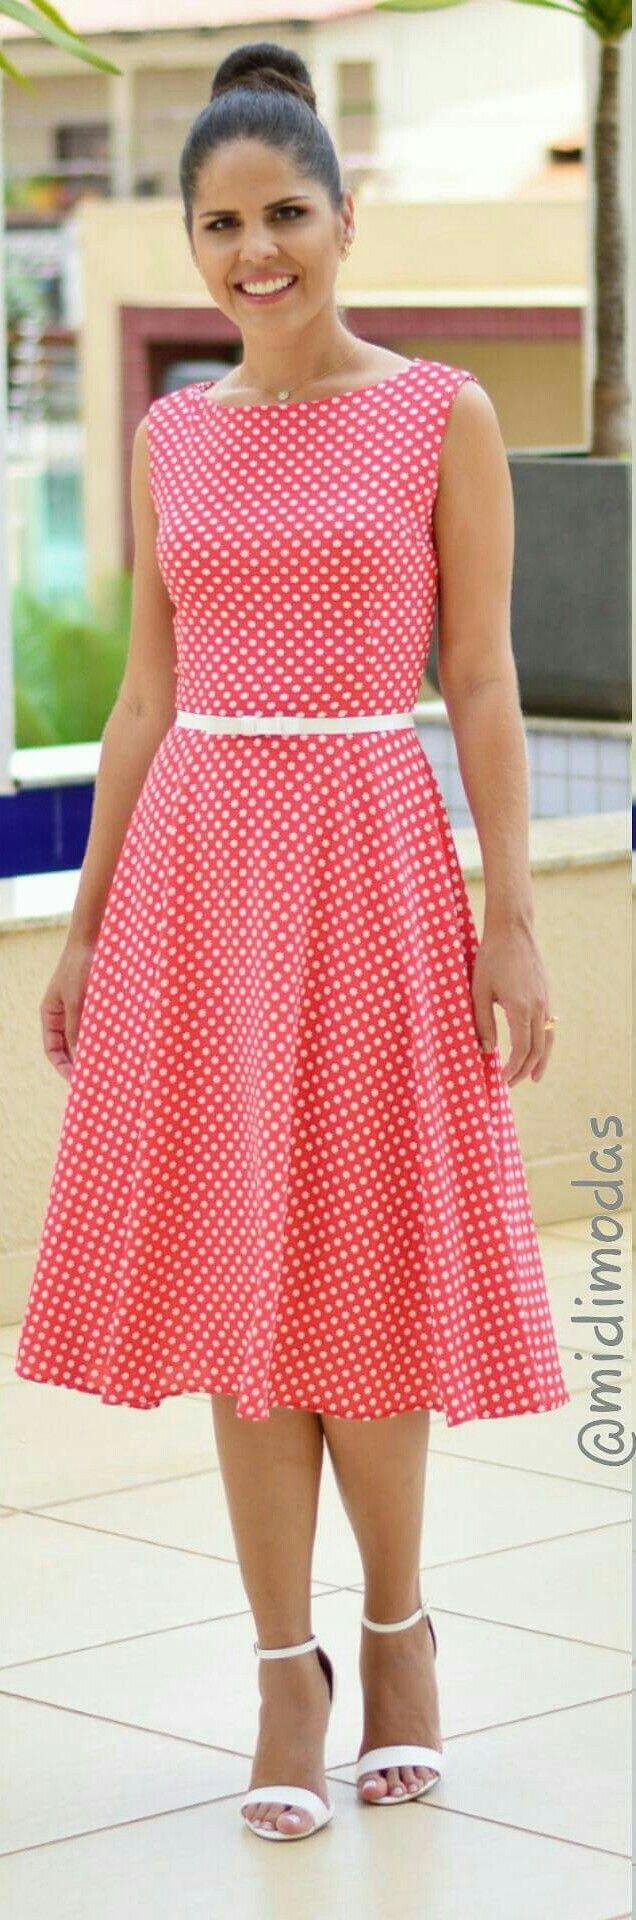 Pin de Celmira Bermudez en vestidos..jovenes | Pinterest ...